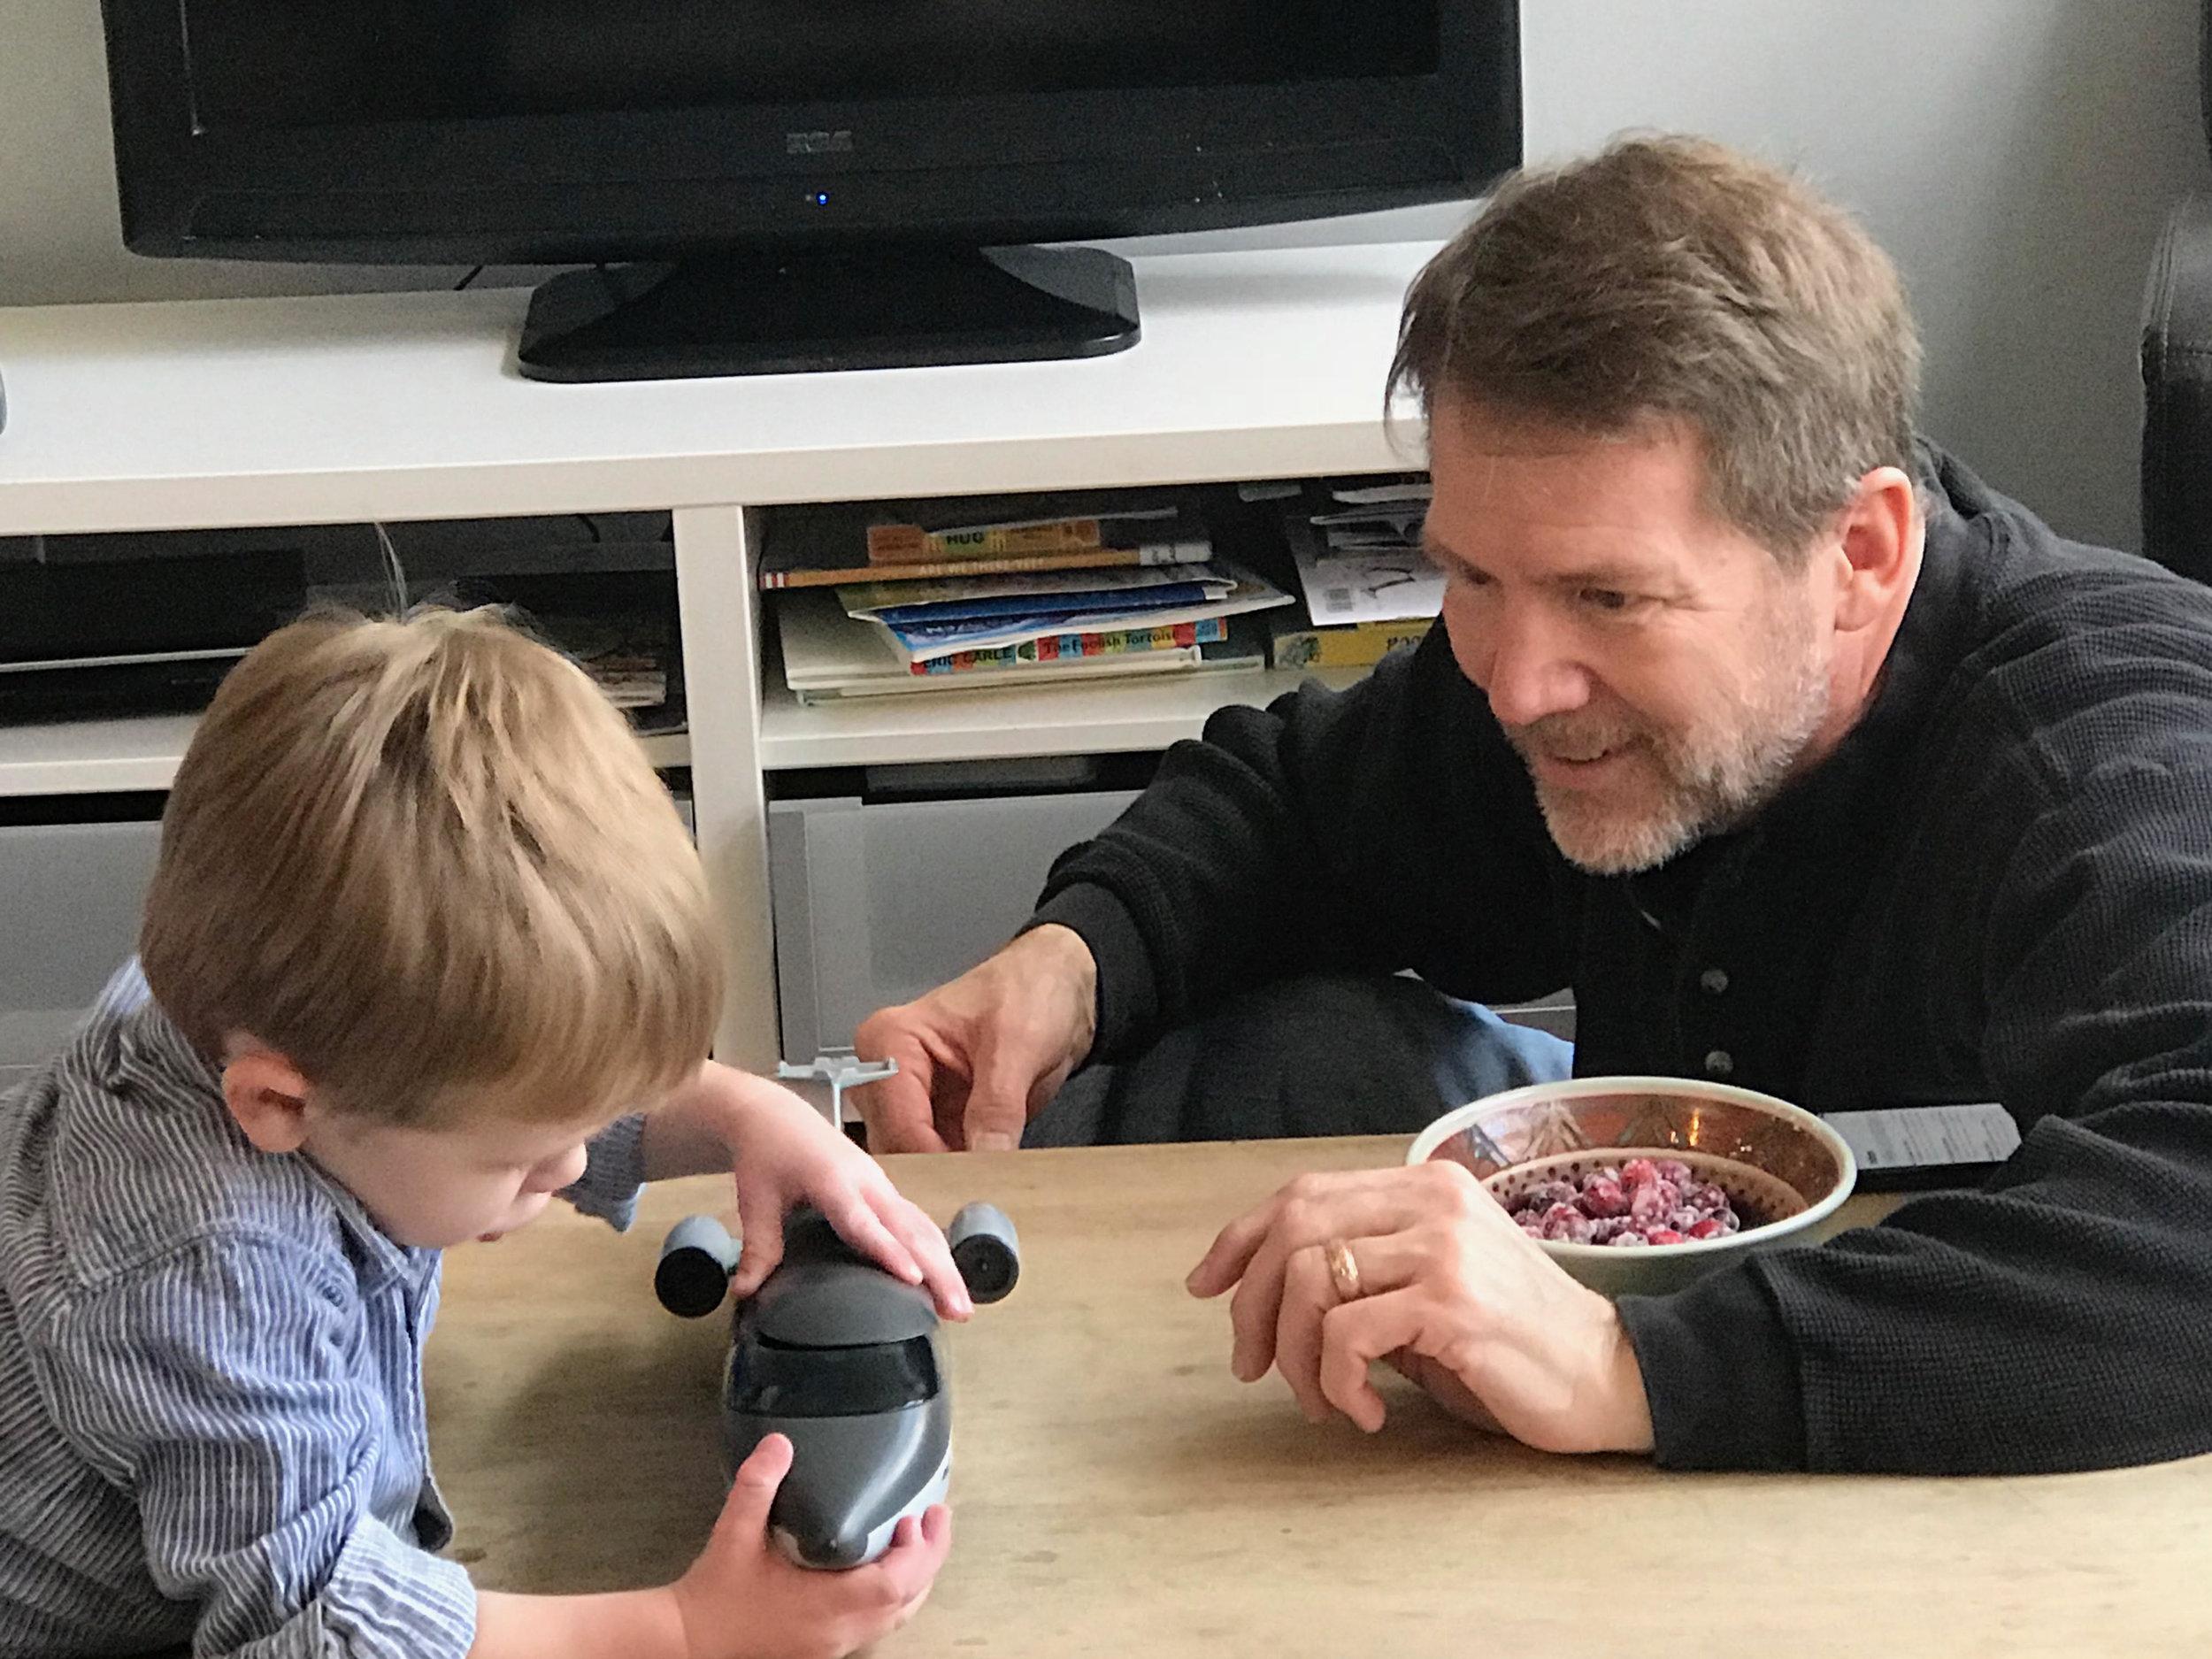 Chris Kimball and his grandson